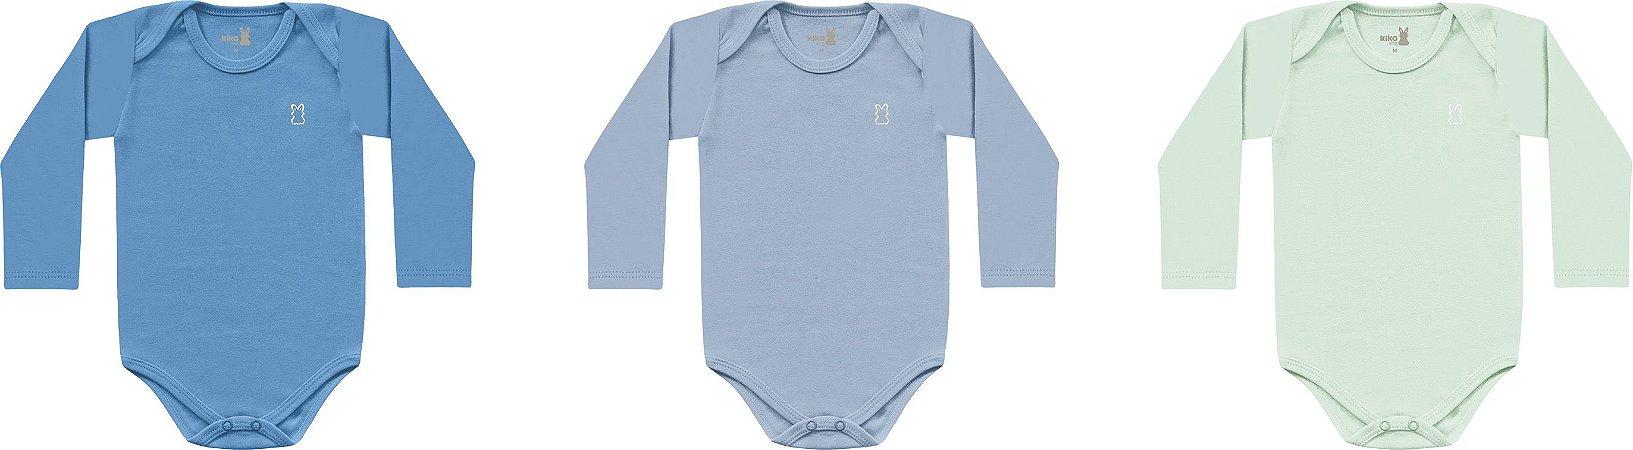 Kit body básico azul